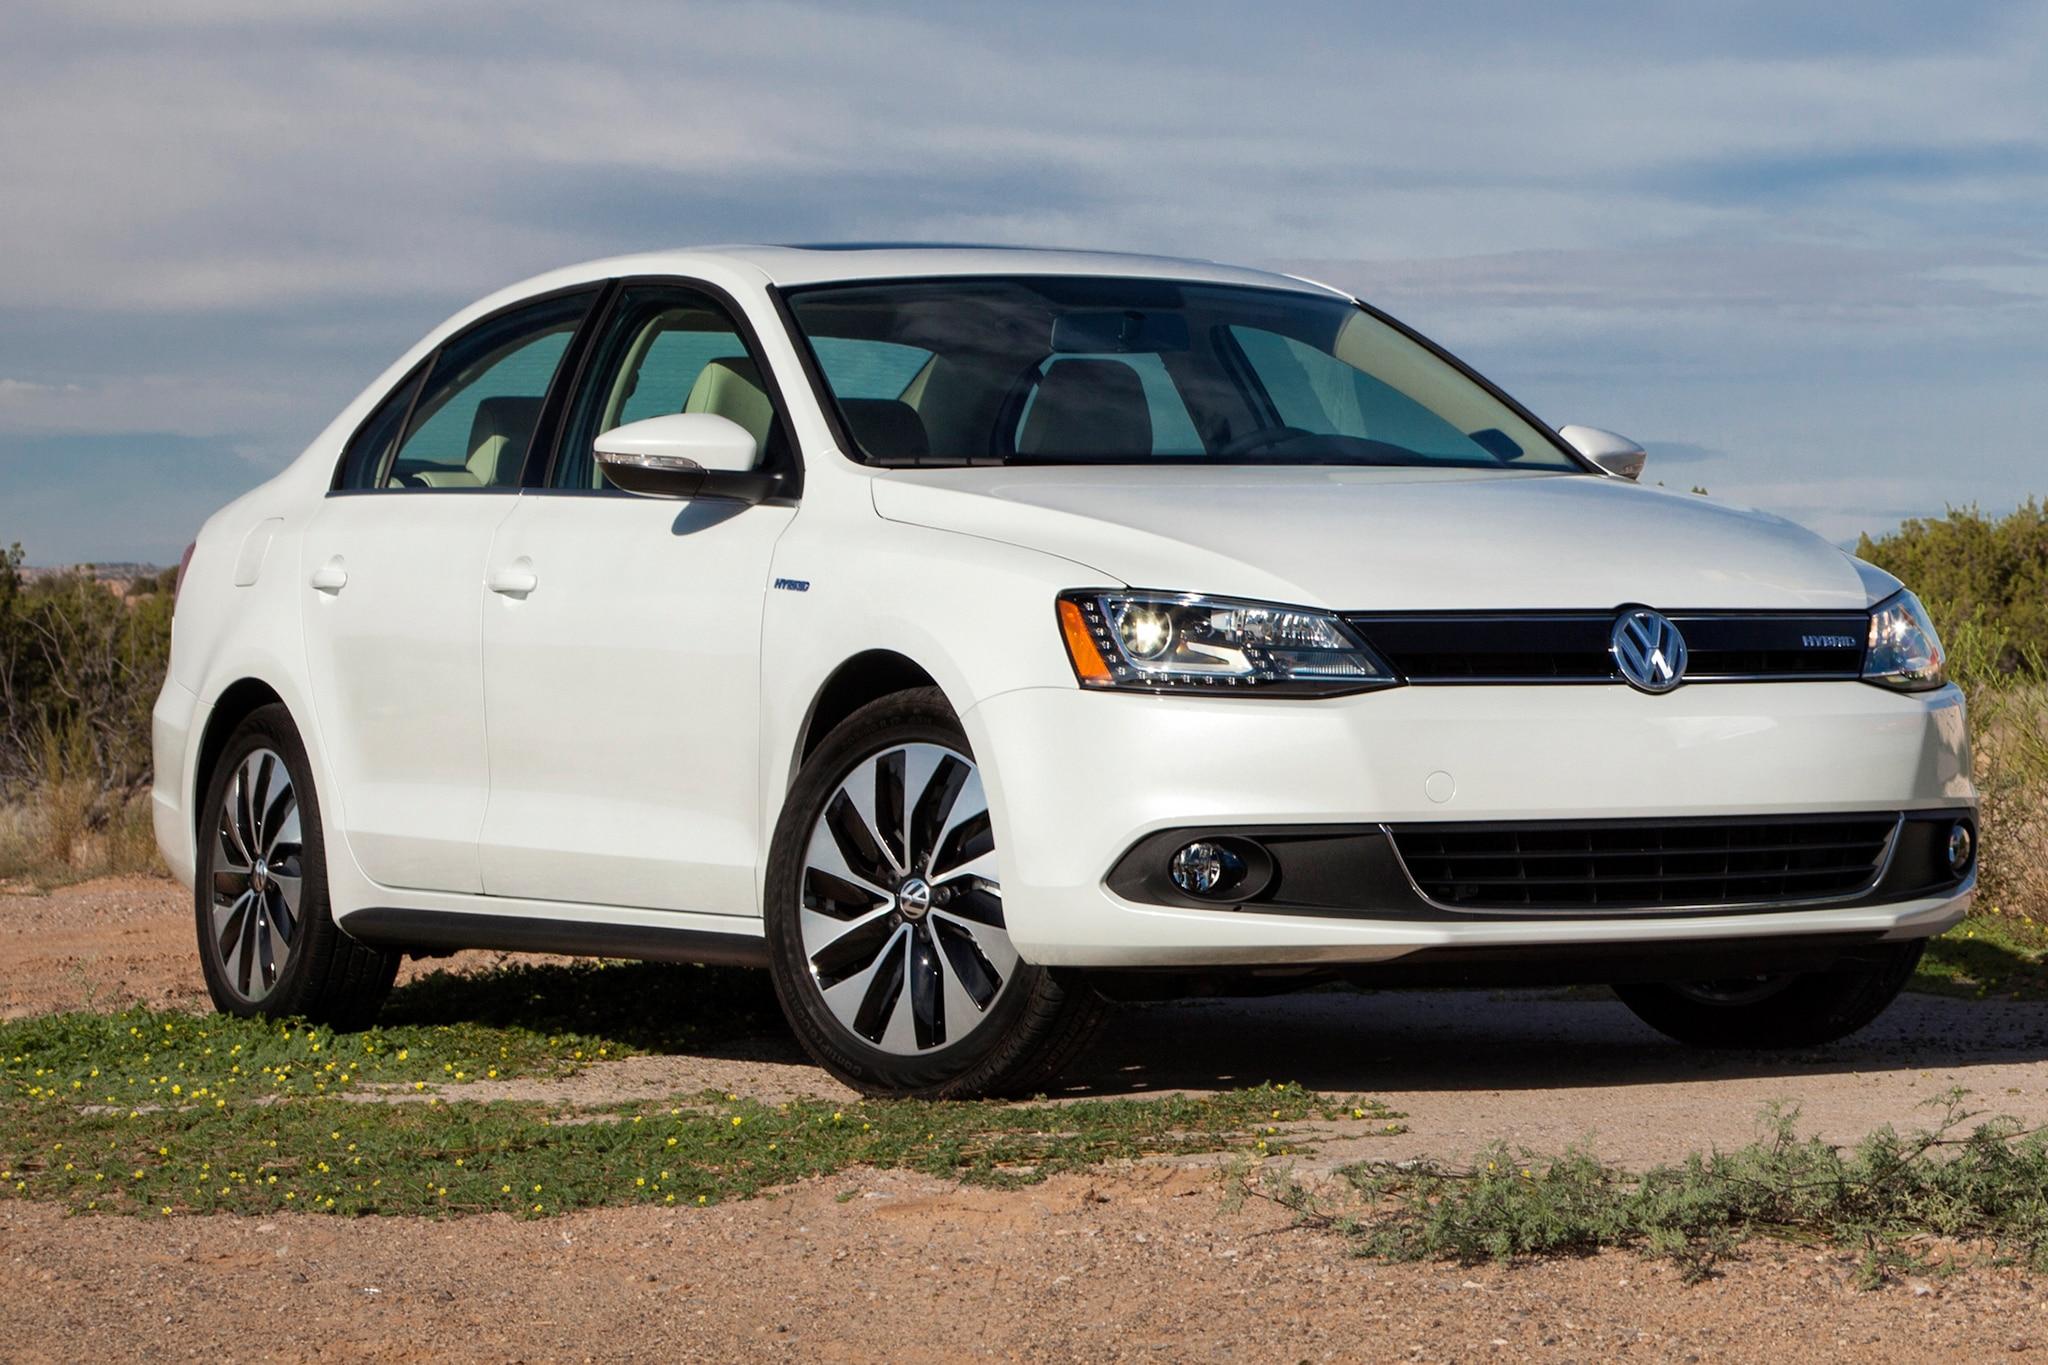 2014 Volkswagen Jetta Gains Independent Rear Suspension, 1 ...